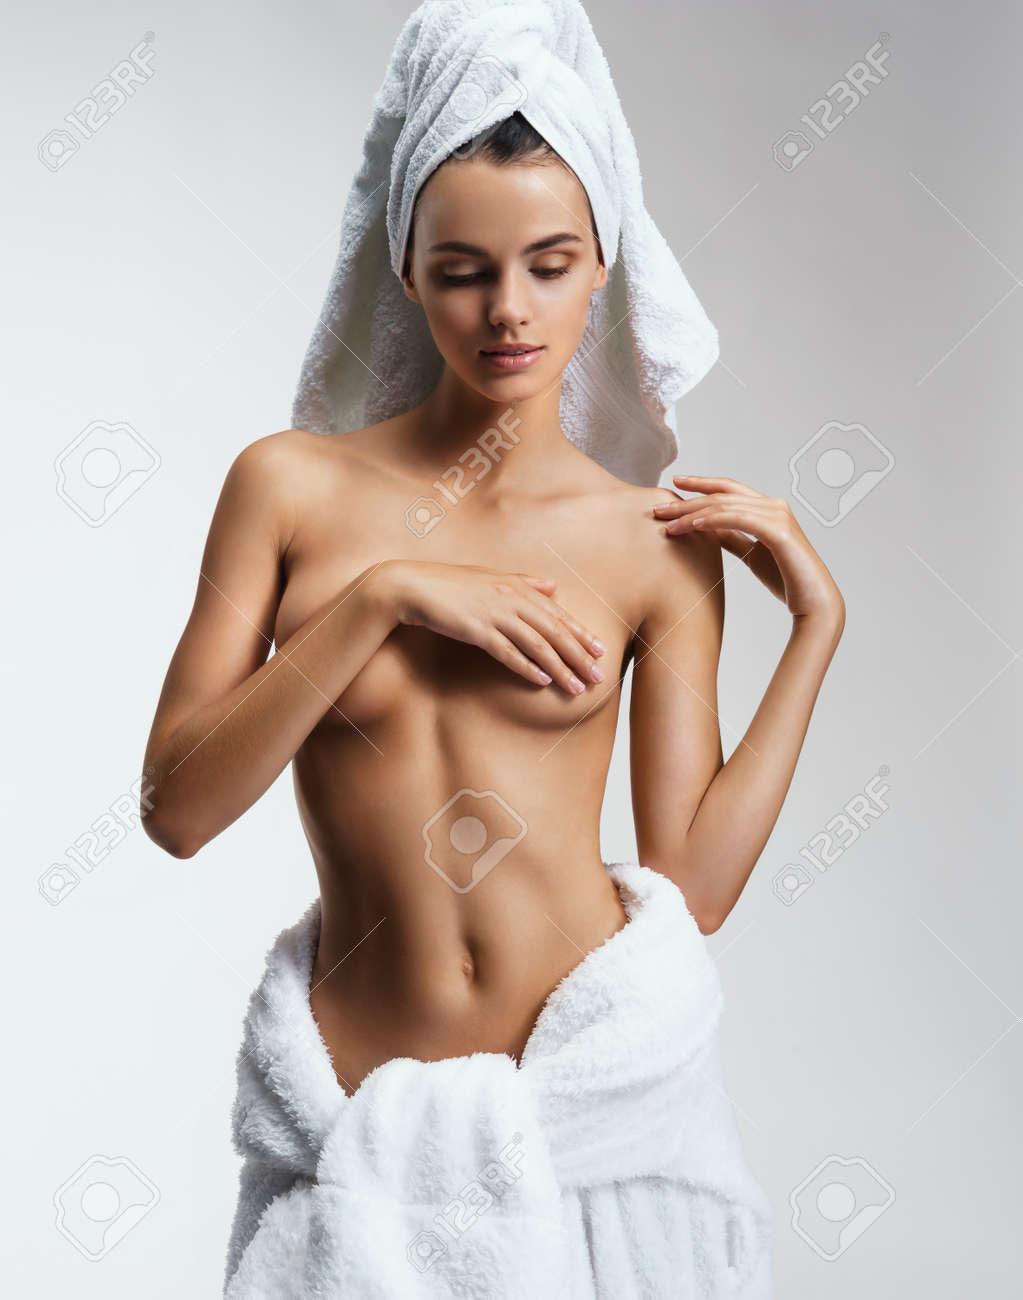 Beautiful nude girls free